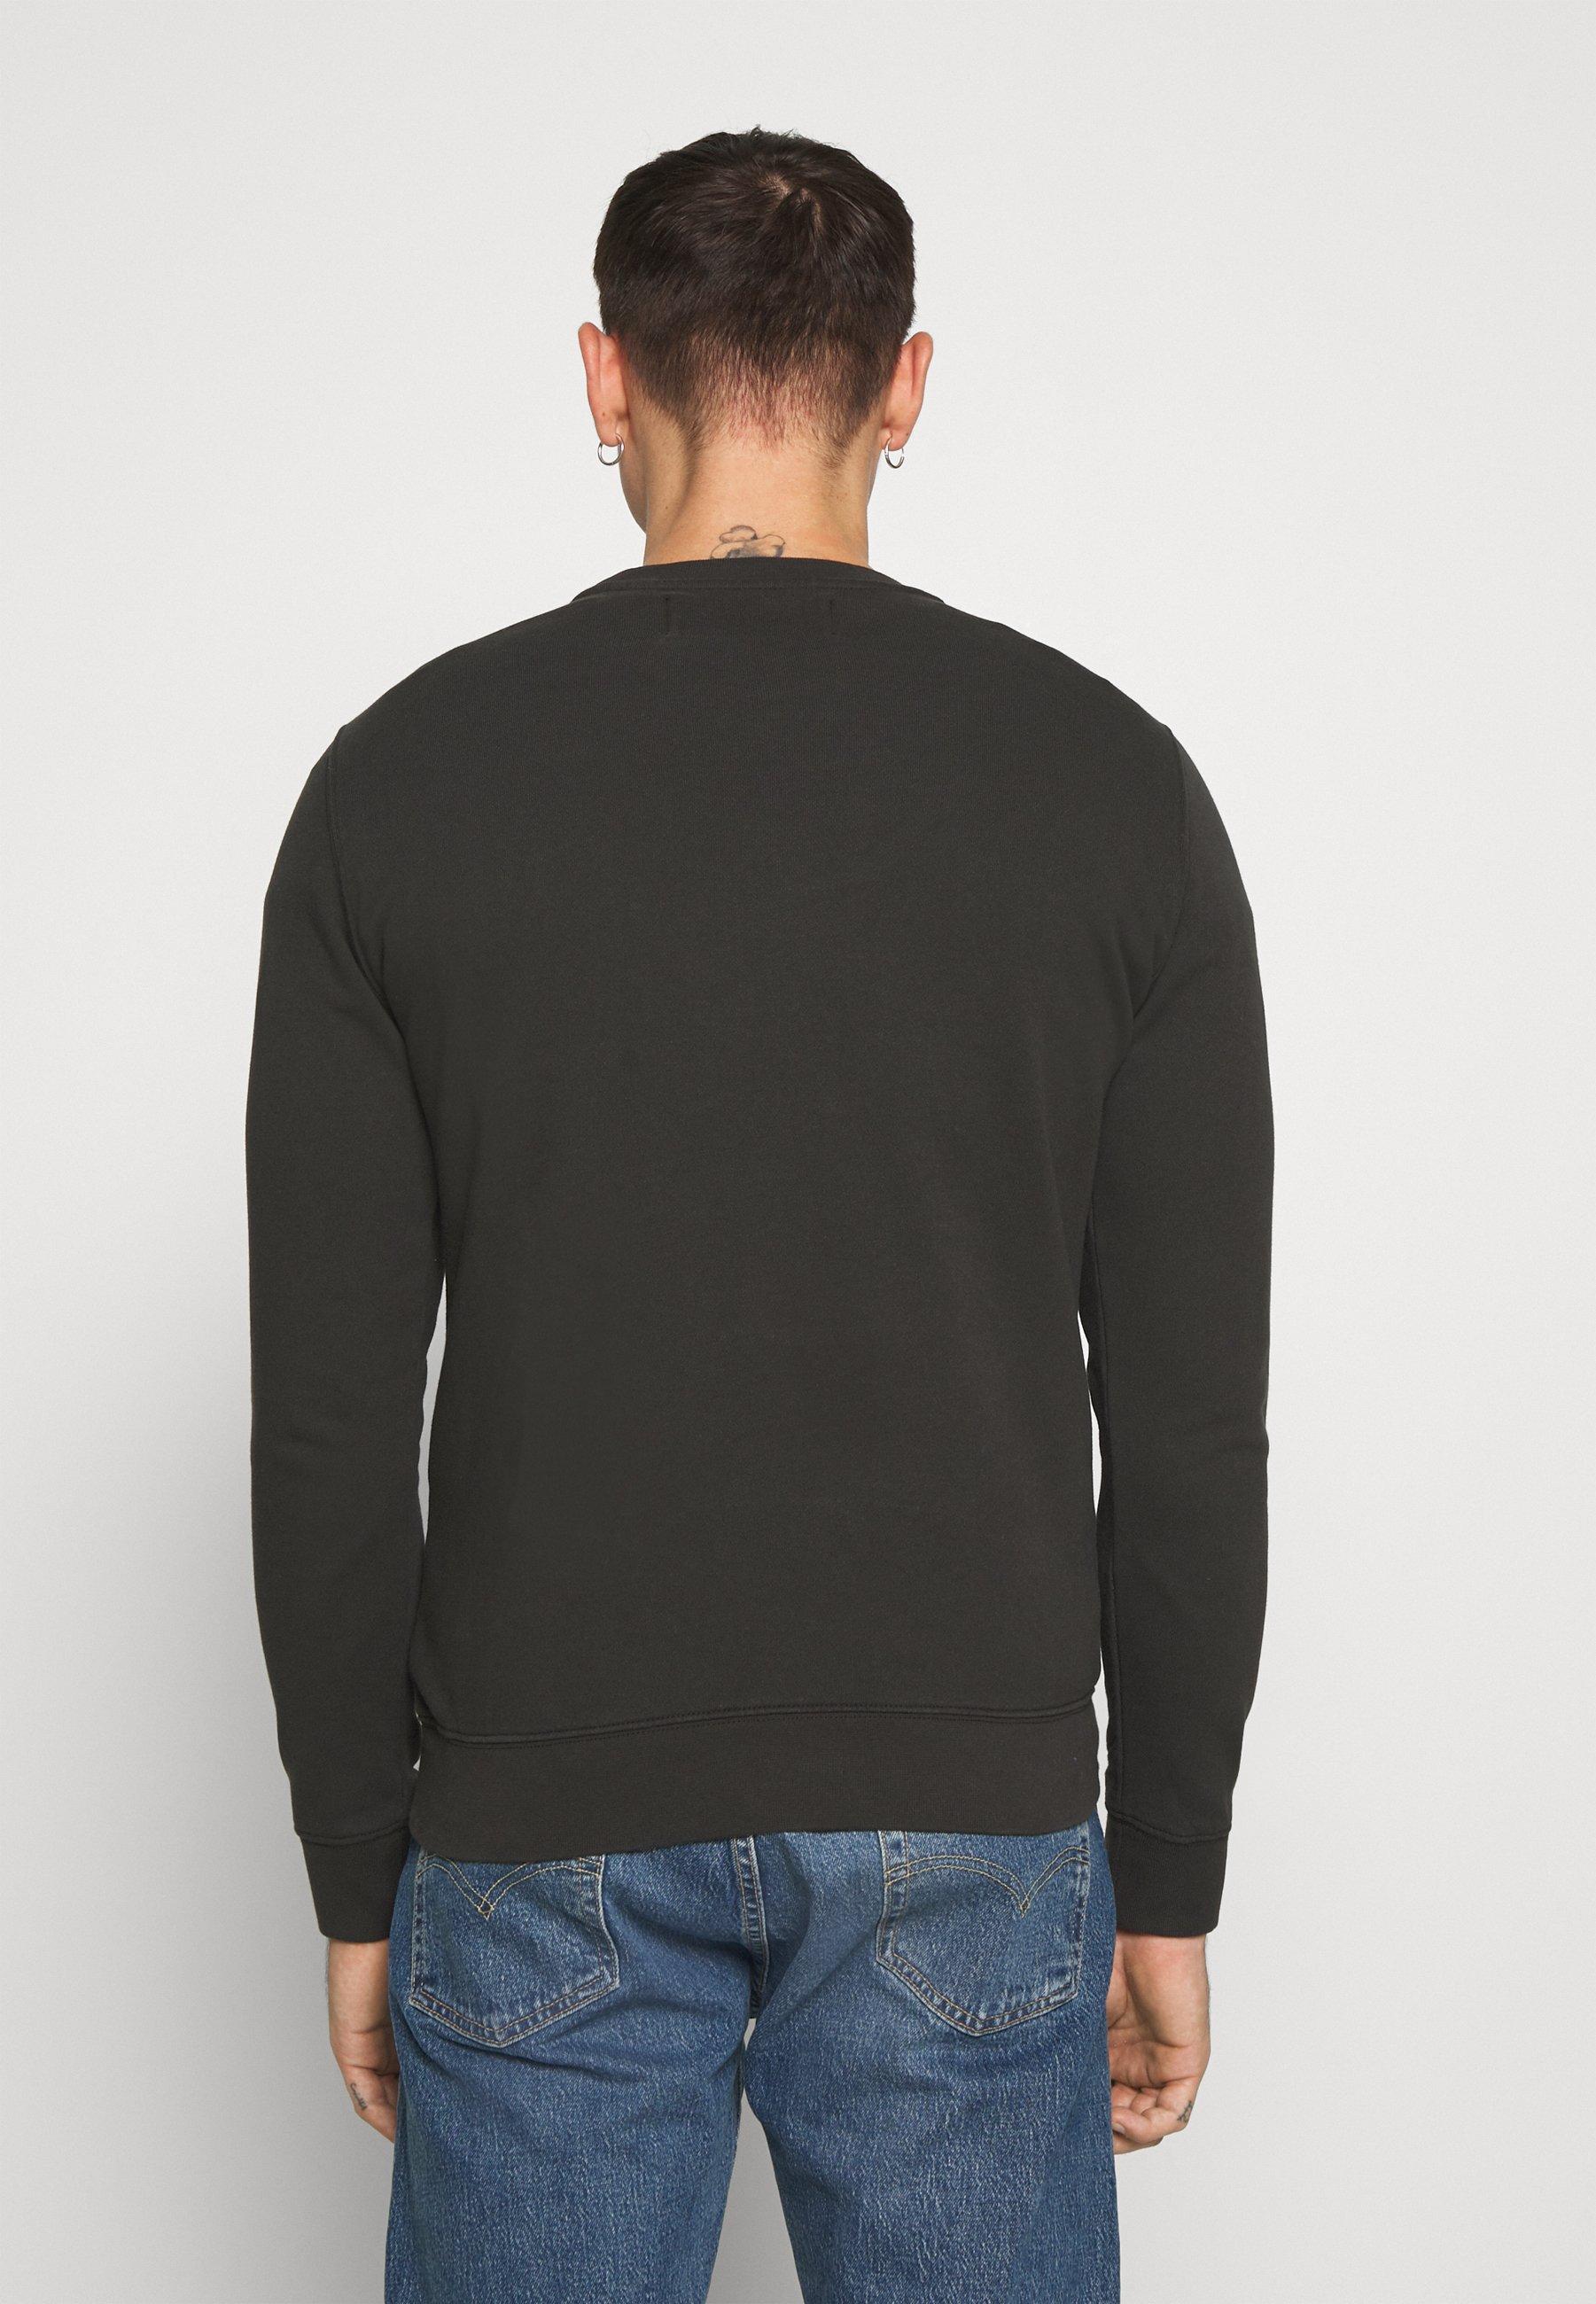 Replay Sweatshirt brown Zalando.at